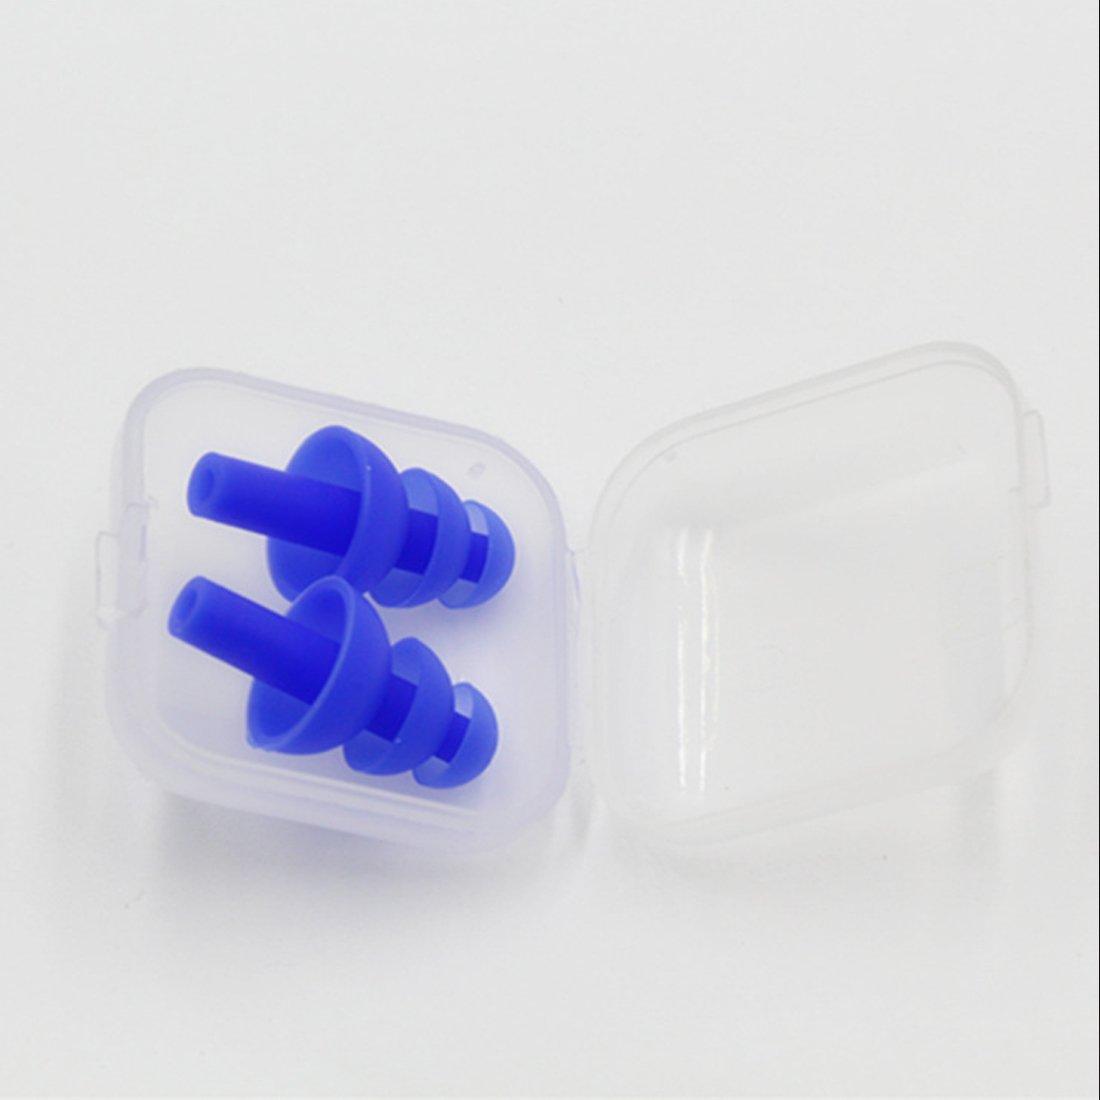 NoyoKere Tapones para los o/ídos de silicona suave a prueba de agua Protecci/ón para los o/ídos Aislamiento ac/ústico Ruido anti ruido para dormir para la reducci/ón de ruido